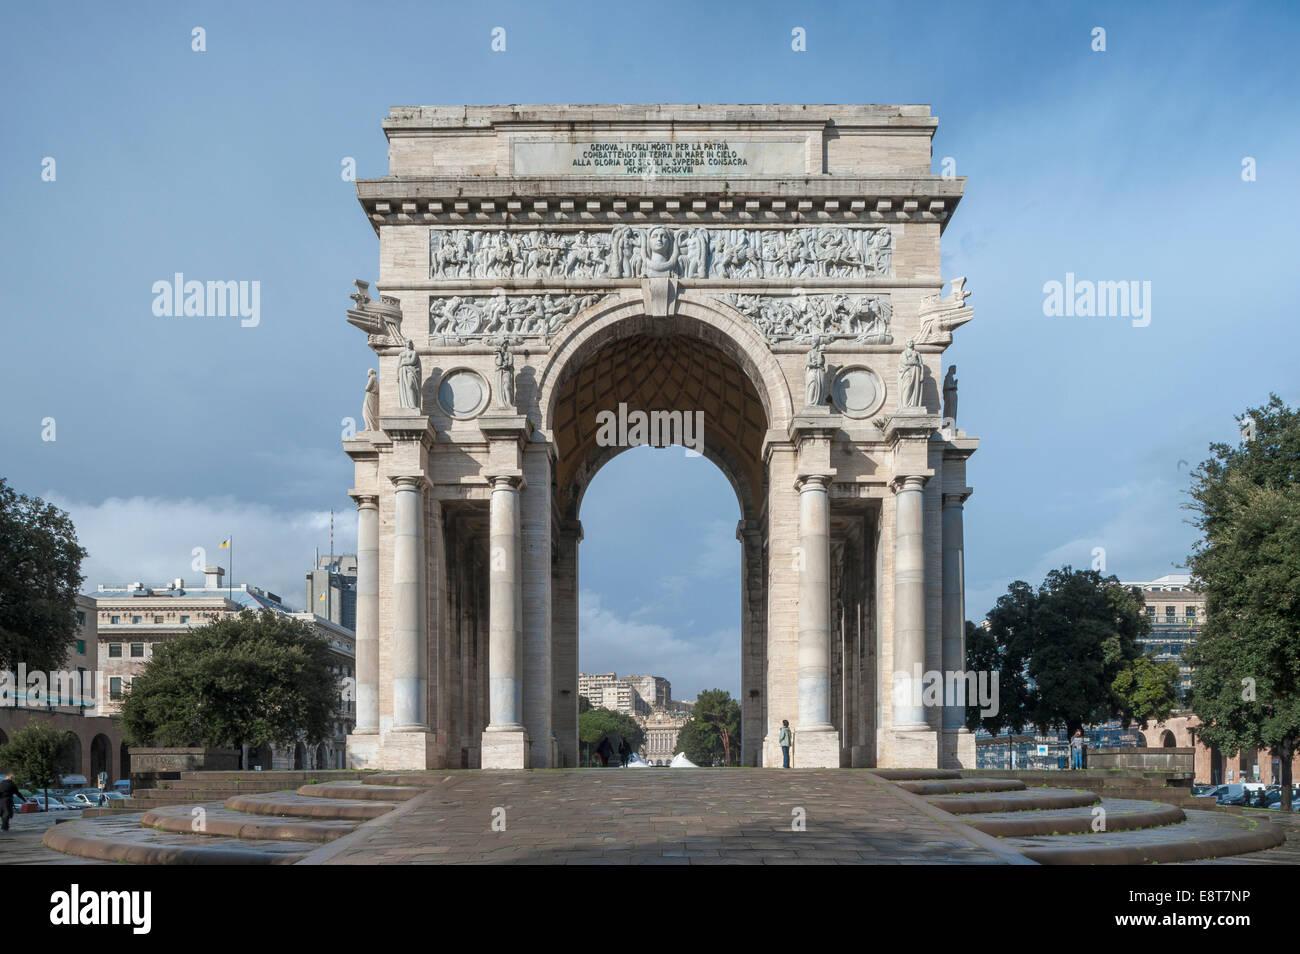 triumphal arch arco della vittoria architecture of italian fascism stock photo 74291666 alamy. Black Bedroom Furniture Sets. Home Design Ideas